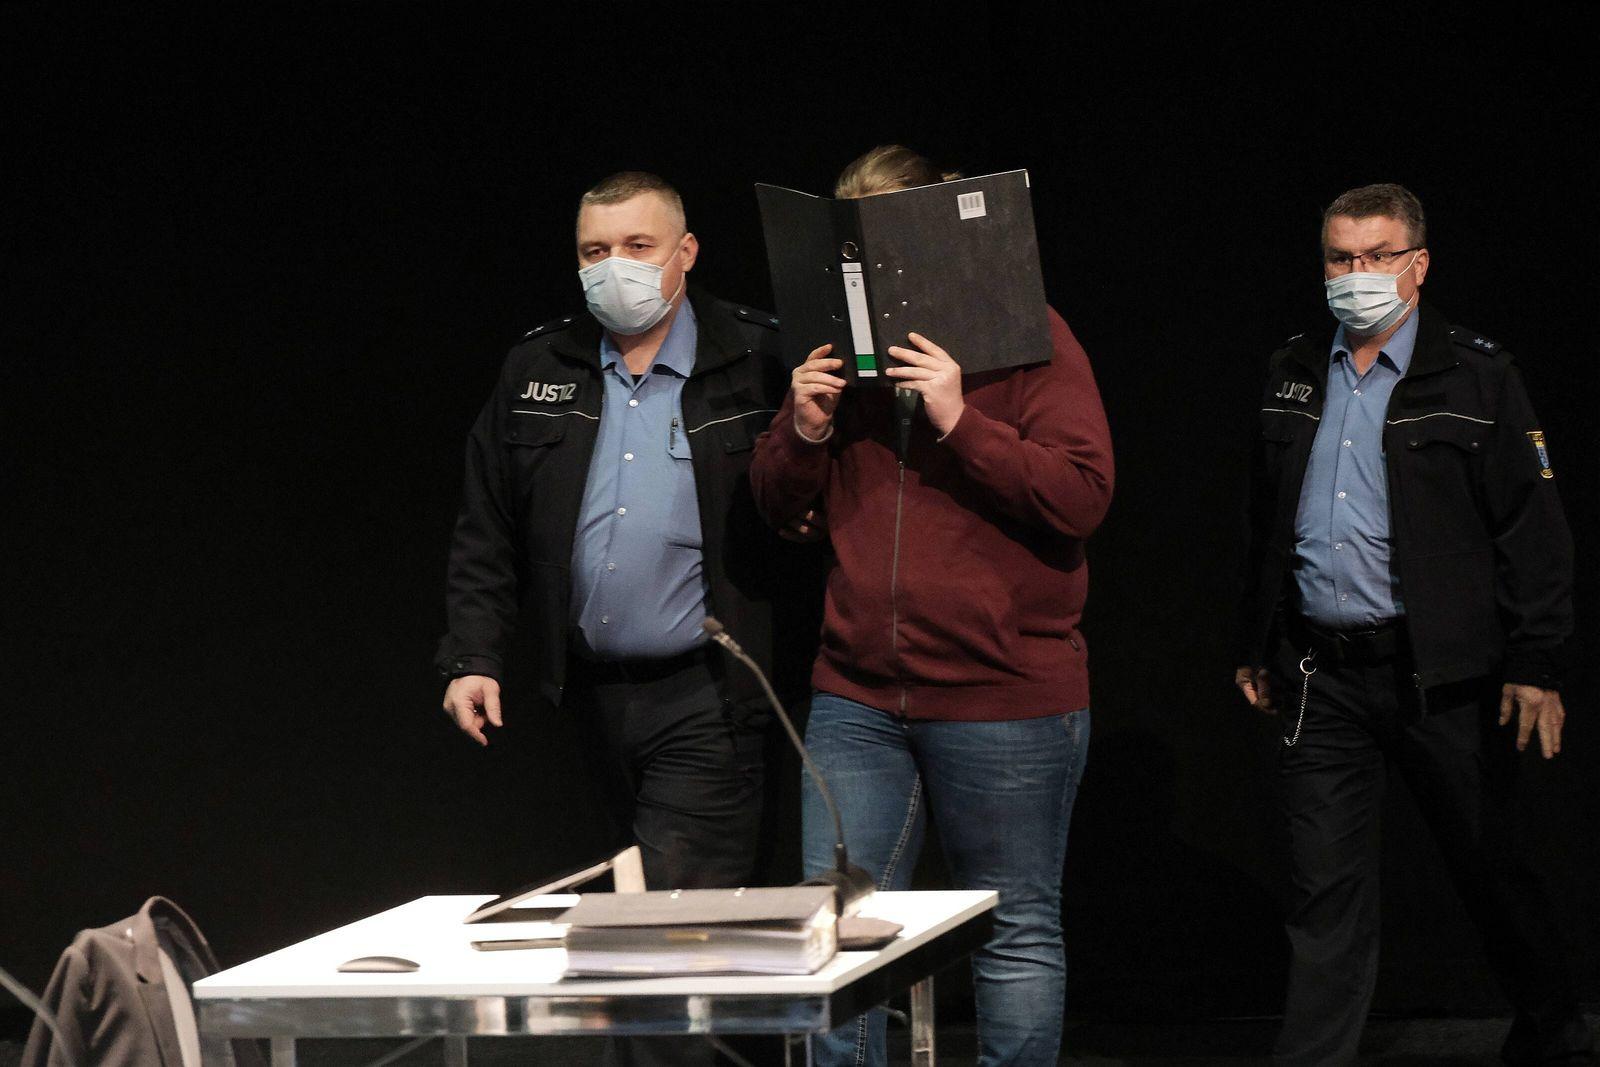 03.05.2021 xkhx , Landgericht Kassel, Verhandlungsort Messehalle 5 der Messe Kasse Beginn Prozess um die angeklagte Amok